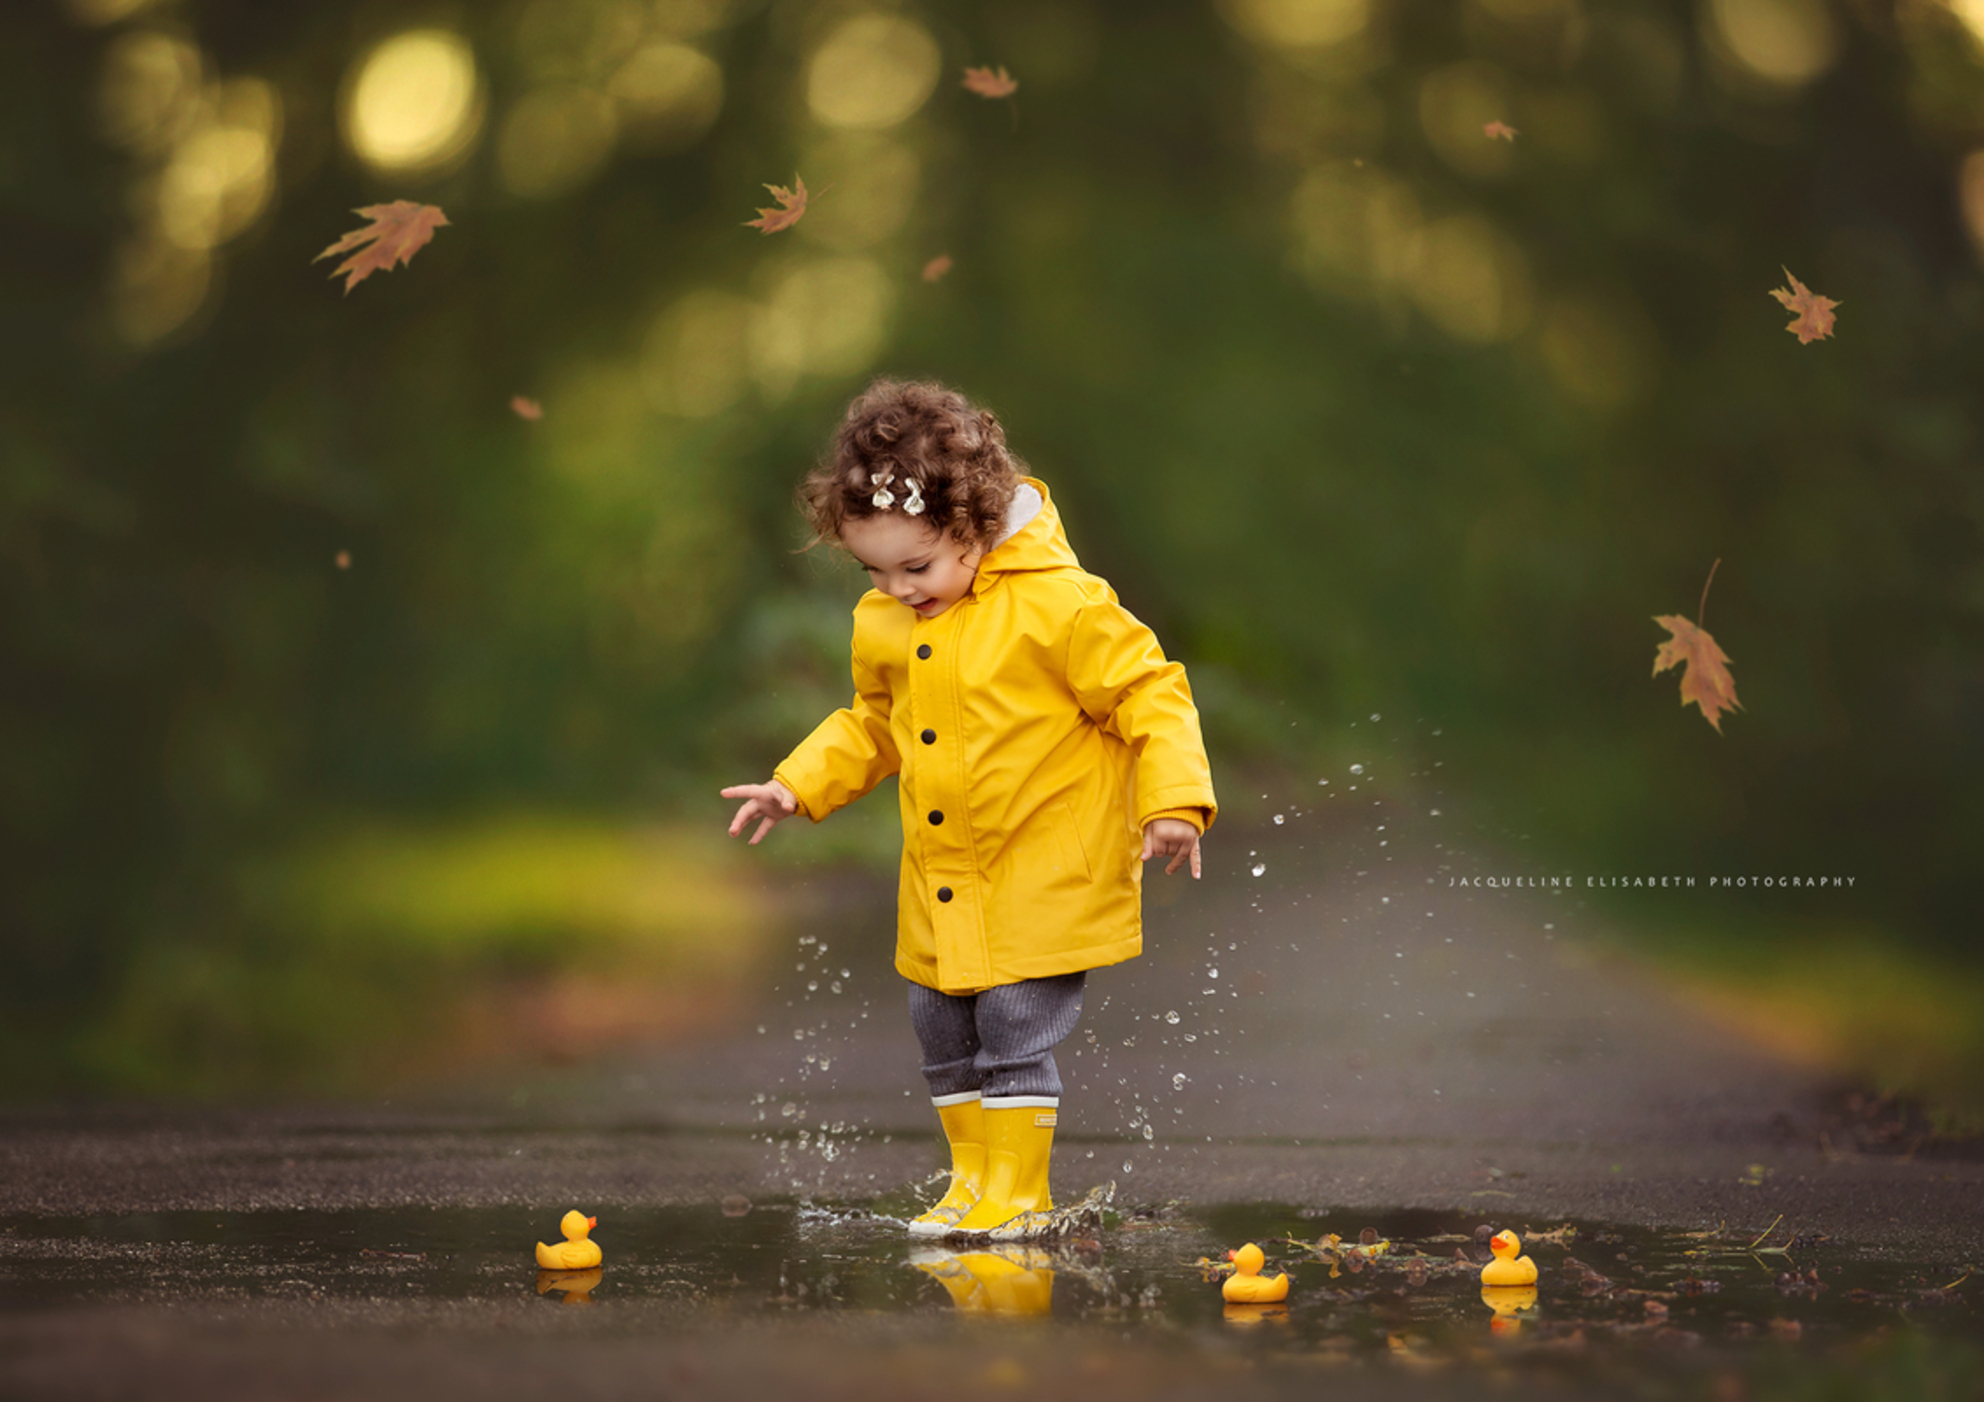 Happy Fall - - - foto door JacquelineUiterloo op 21-10-2020 - deze foto bevat: water, licht, herfst, portret, daglicht, kind, meisje, lief, plezier, plas, spetters, badeendjes, regenjas, regenlaarsjes - Deze foto mag gebruikt worden in een Zoom.nl publicatie